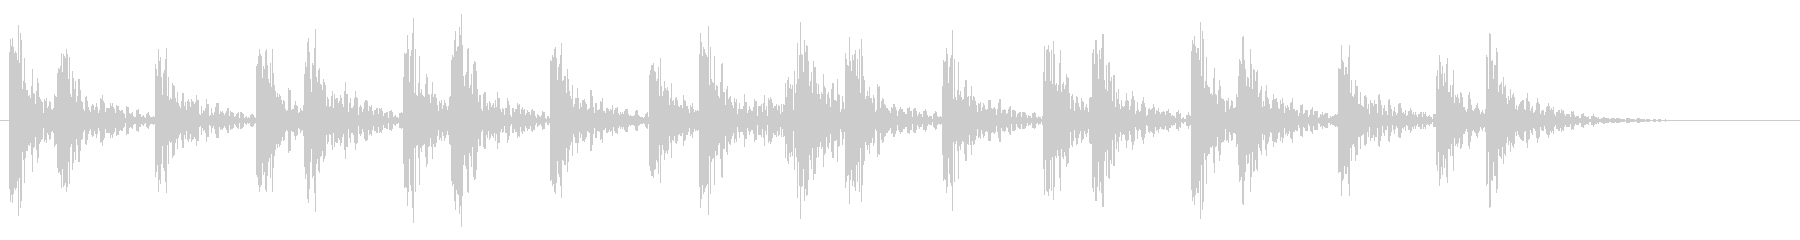 和太鼓アフリカ版Dunの重低音フレーズ音の未再生の波形